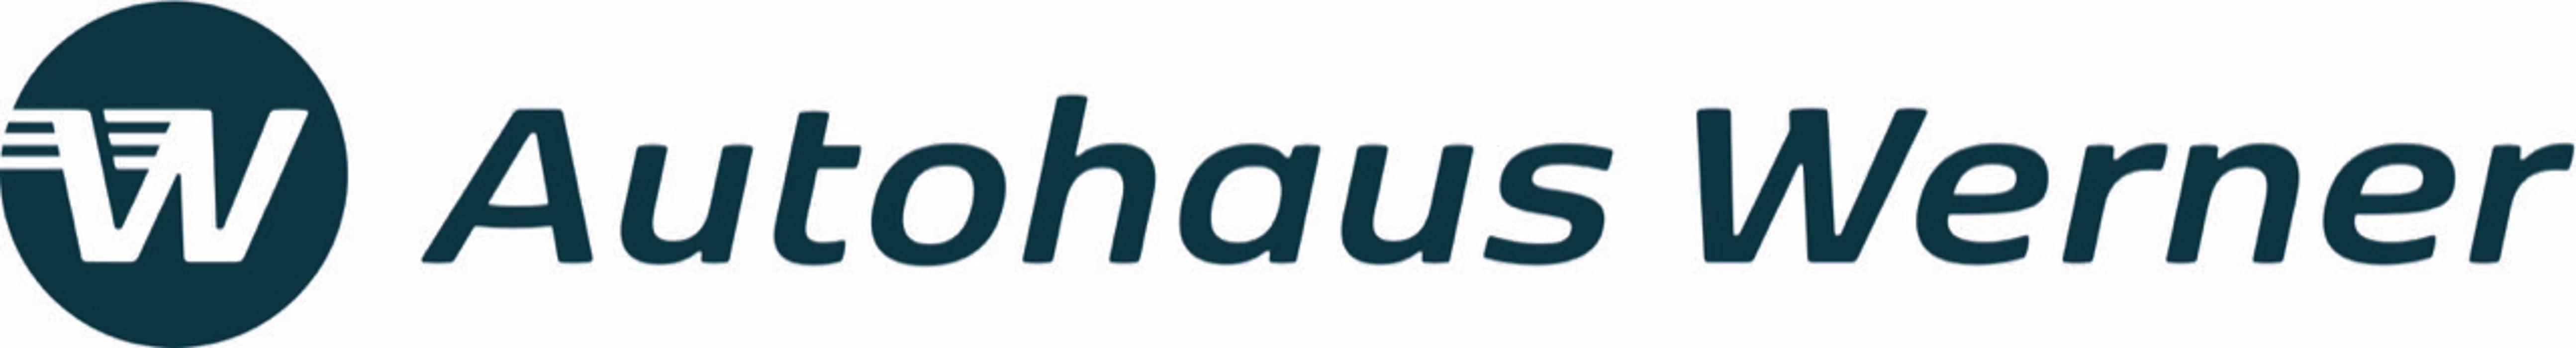 Bild zu Autohaus Werner GmbH - Nutzfahrzeuge in Weyhe bei Bremen